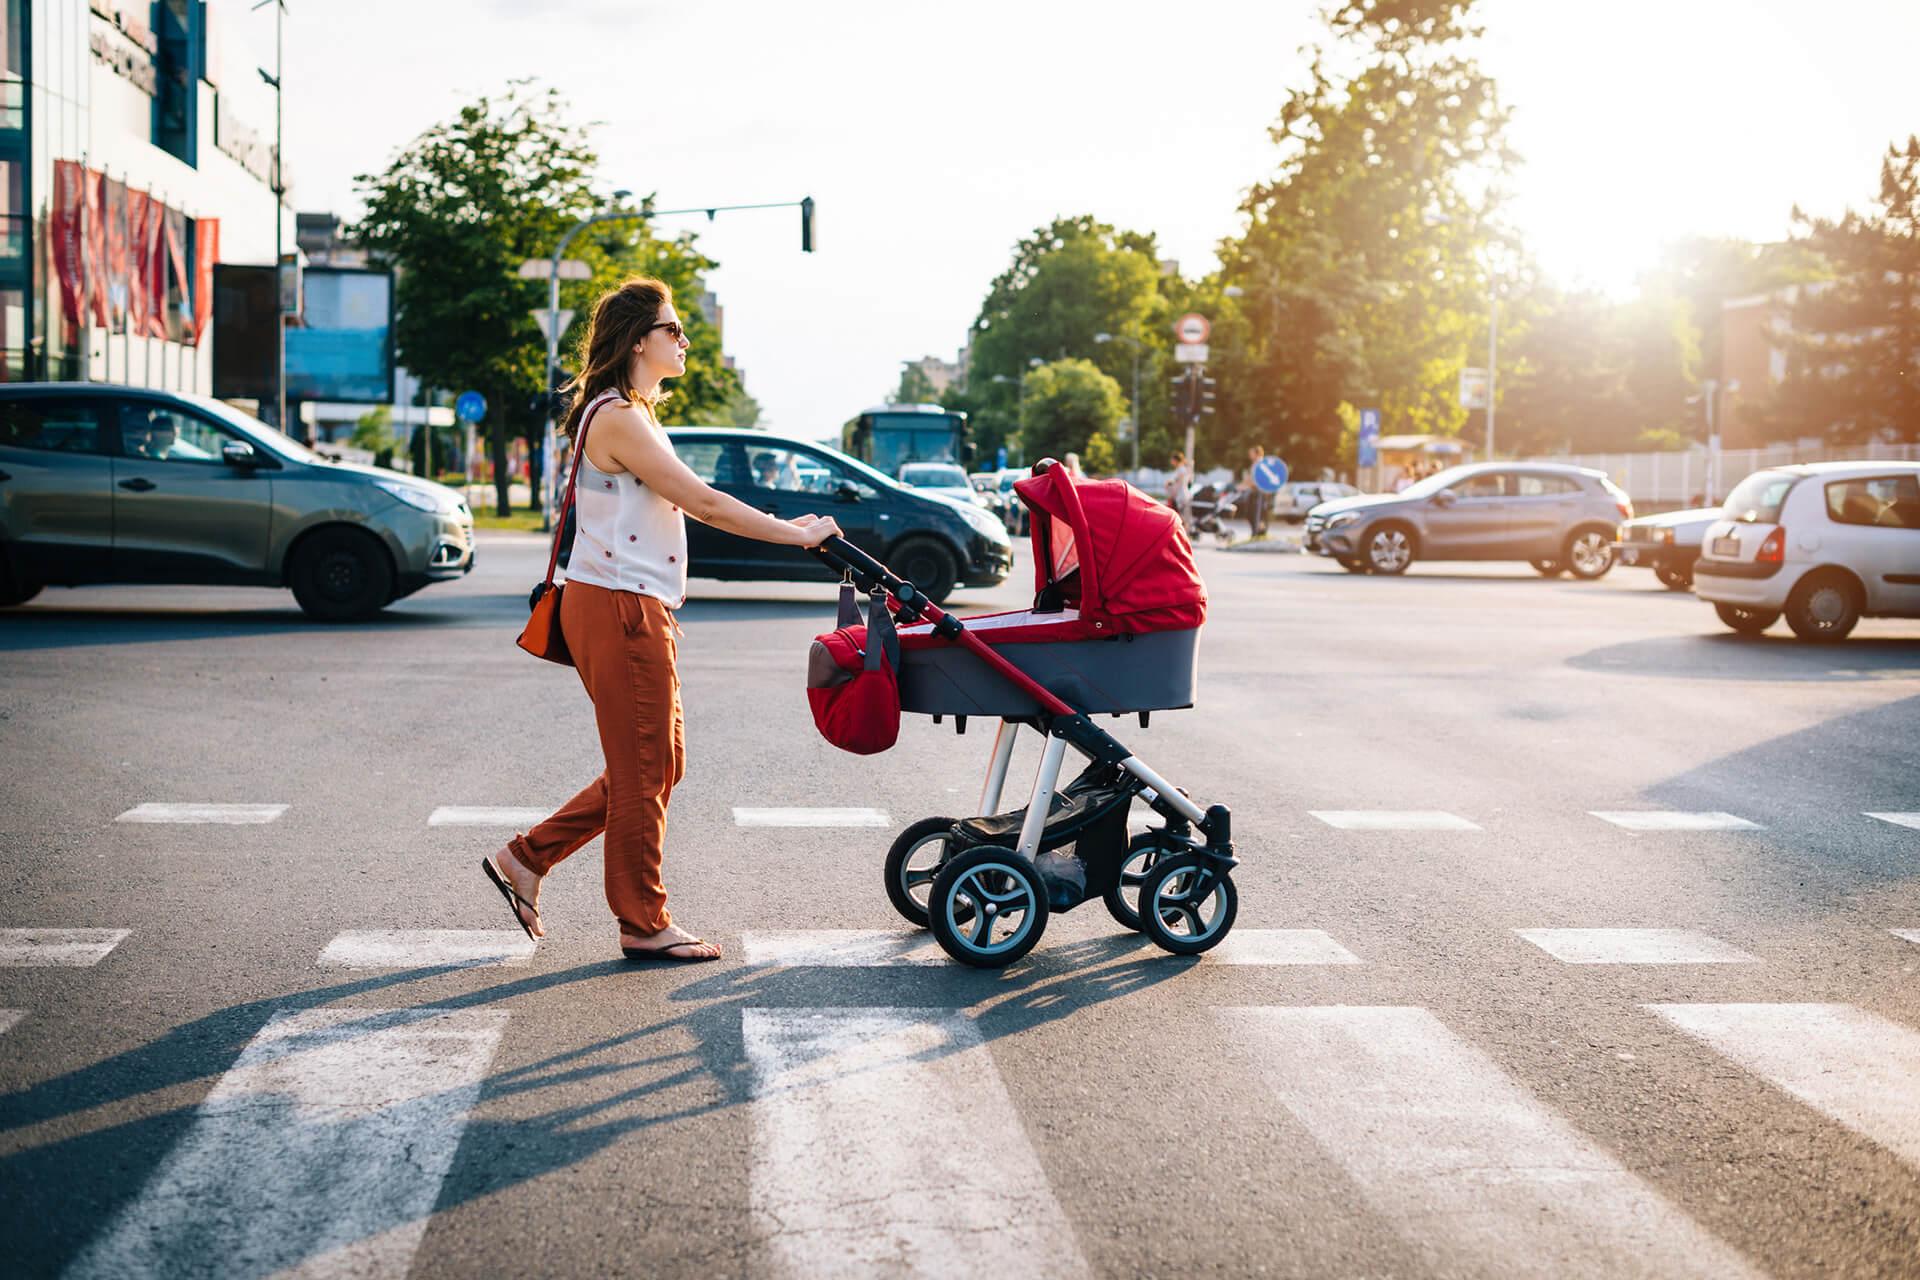 Cidade para pedestres: entenda como algumas estão se livrando dos carros